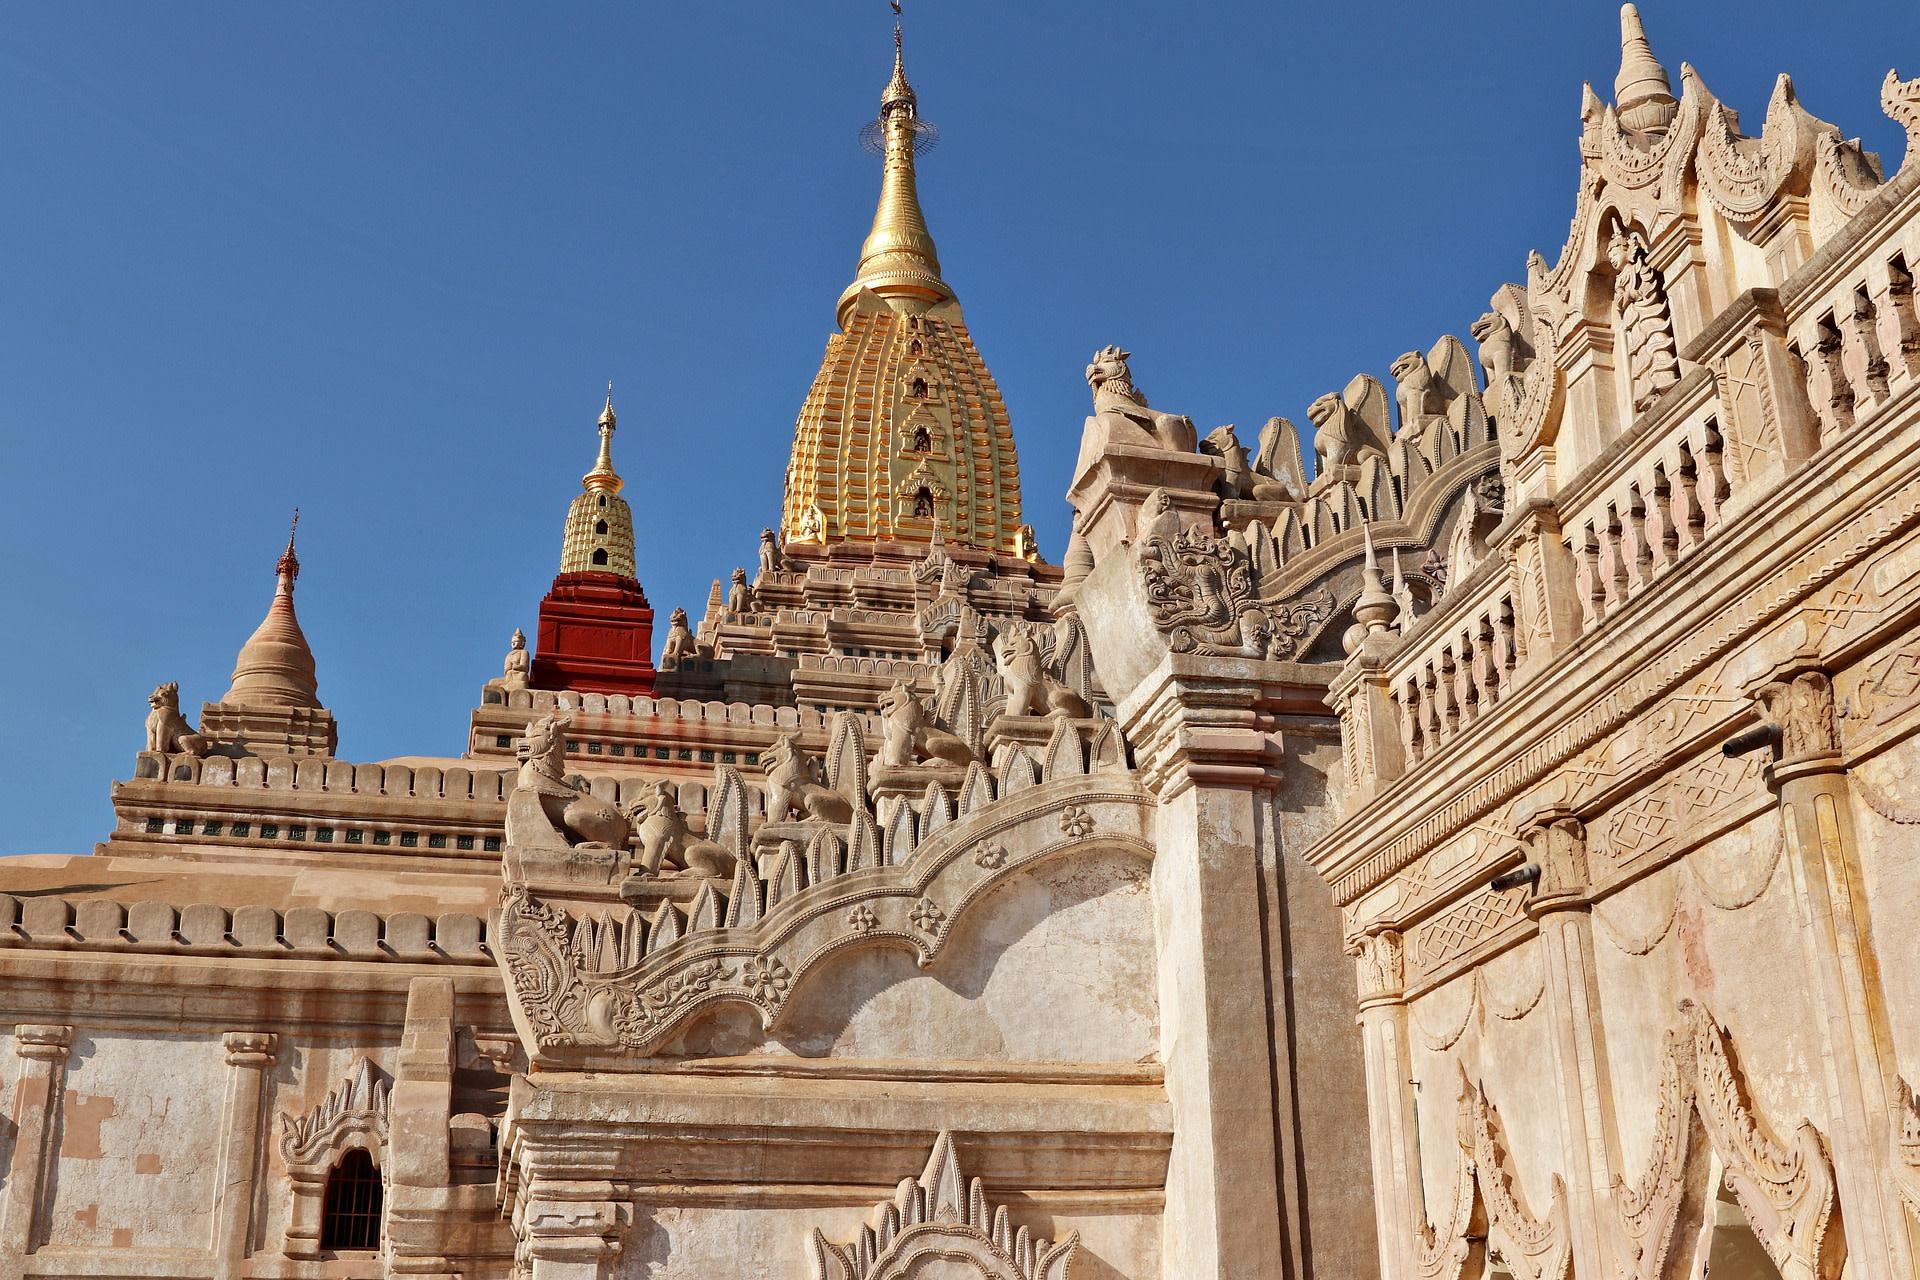 Explore the Ananda Temple